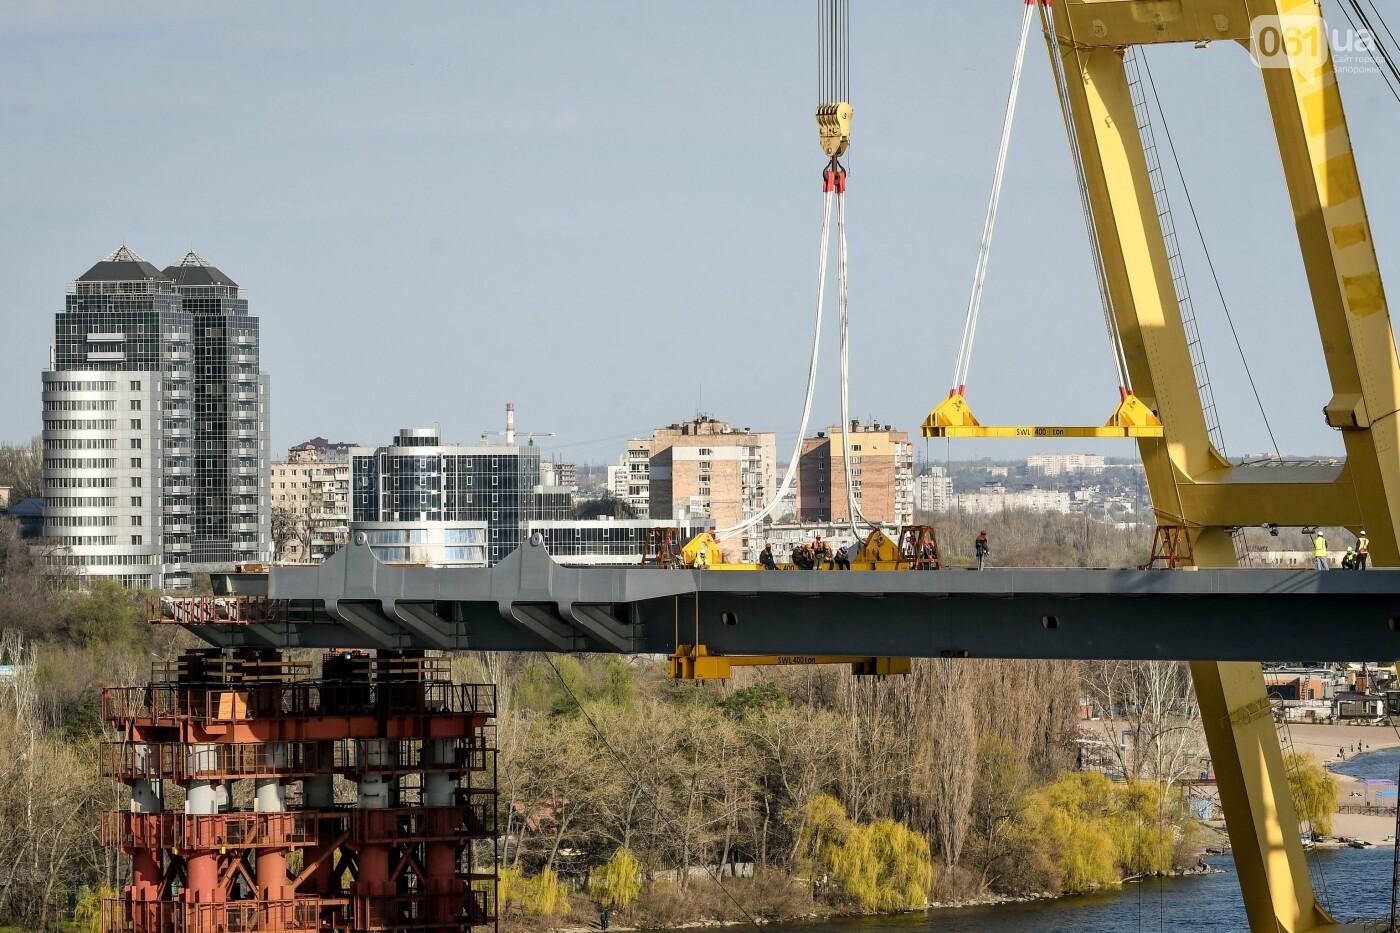 Монтаж первого пролета вантового моста, транспортный локдаун и репортаж из заброшенной шахты: апрель в фотографиях, фото-45